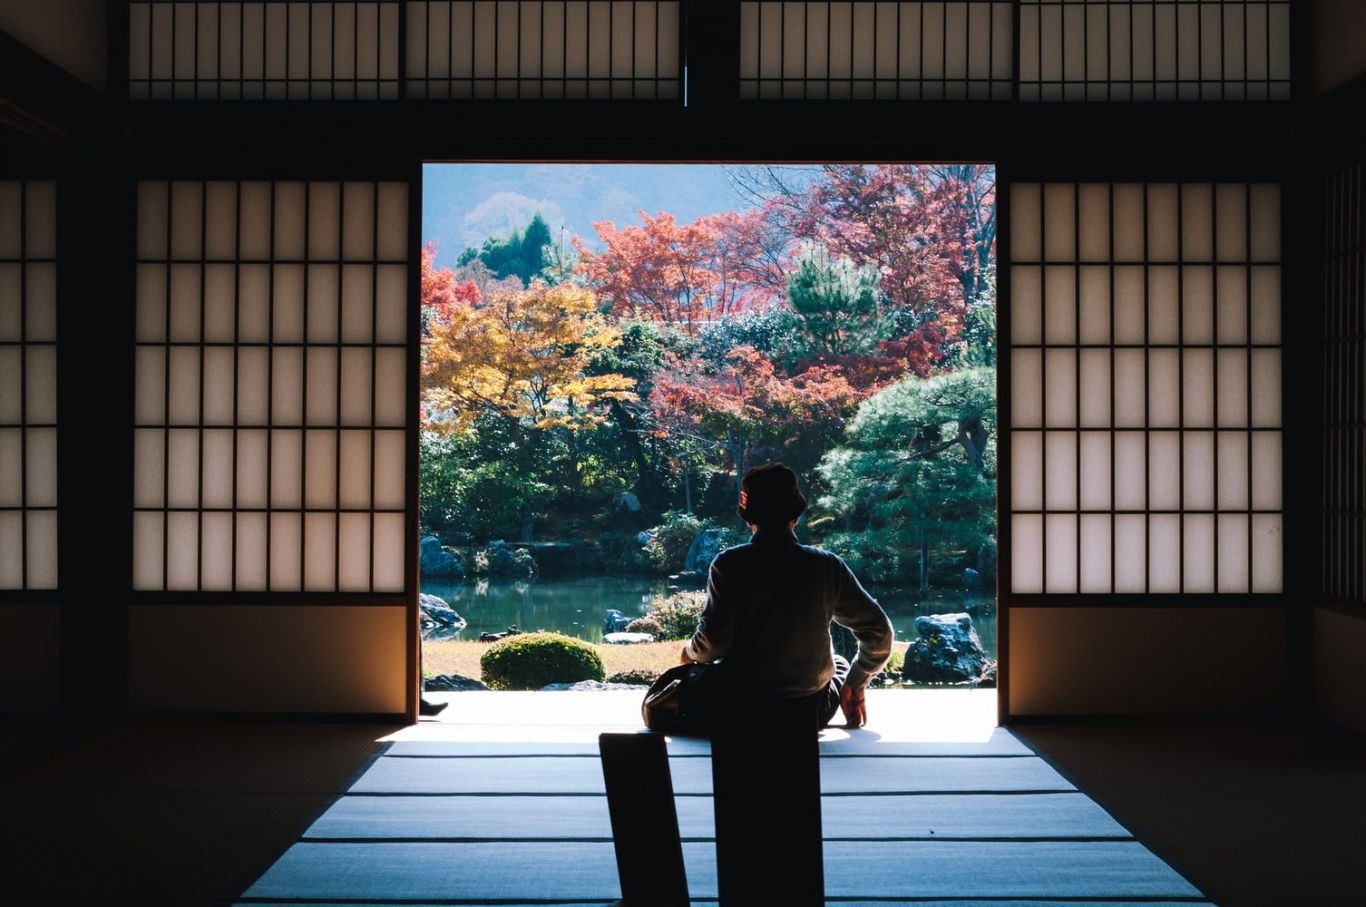 Pessoa sentada em pose de meditação de frente para uma janela